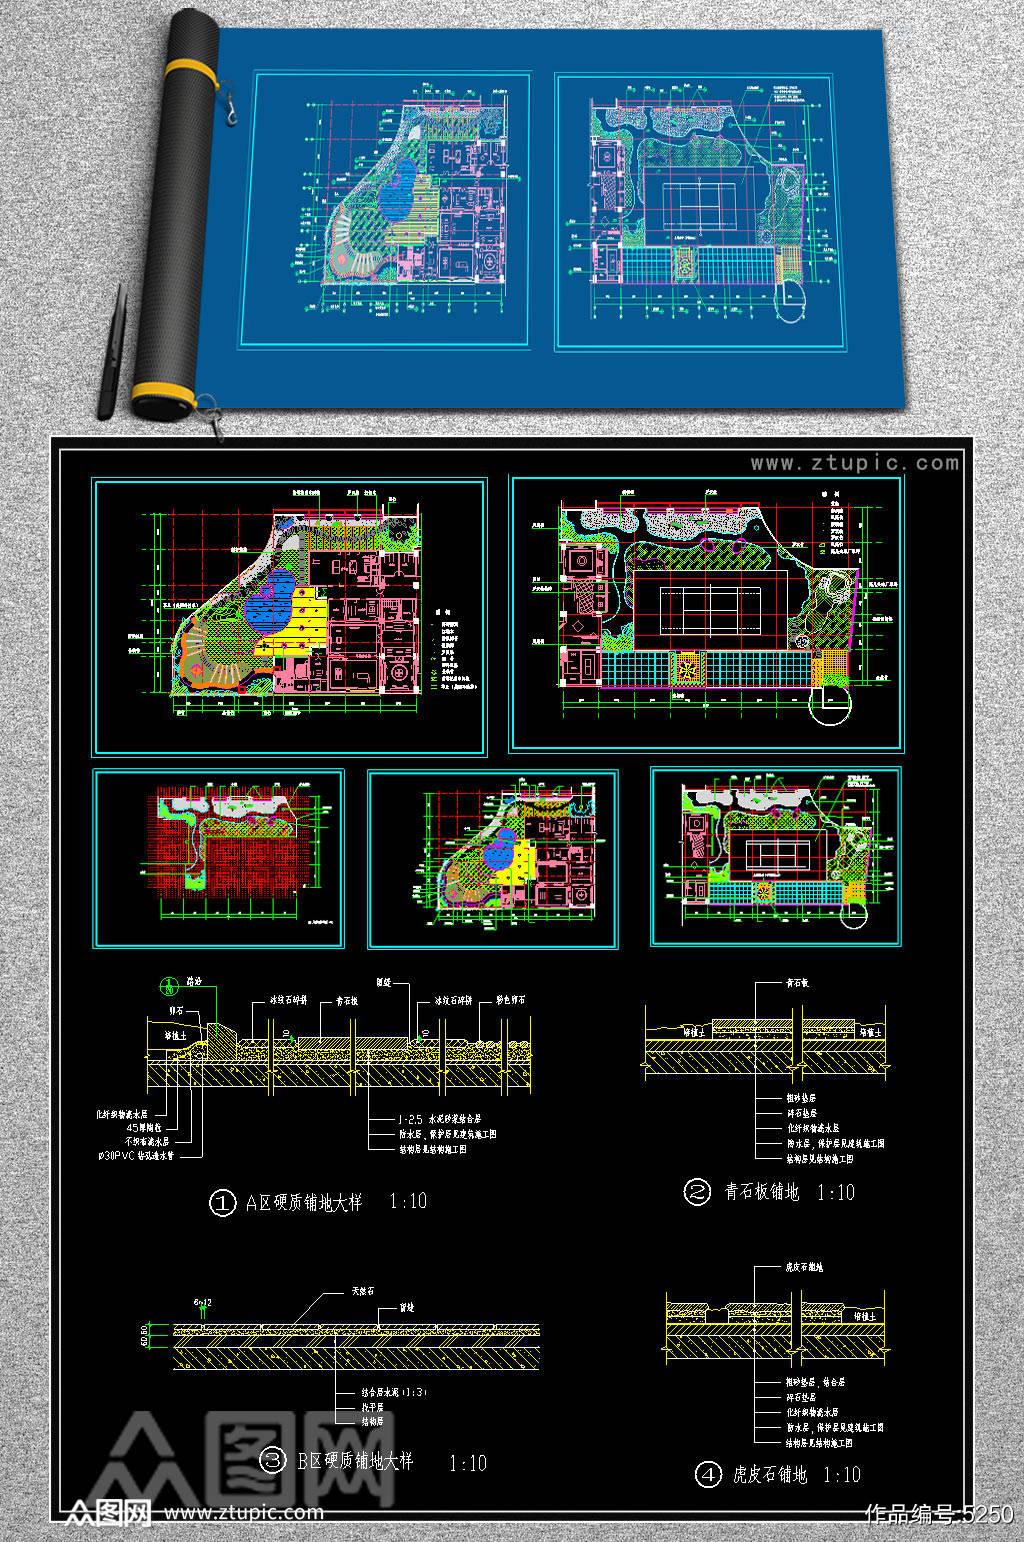 原创商住楼及屋顶花园CAD施工图素材